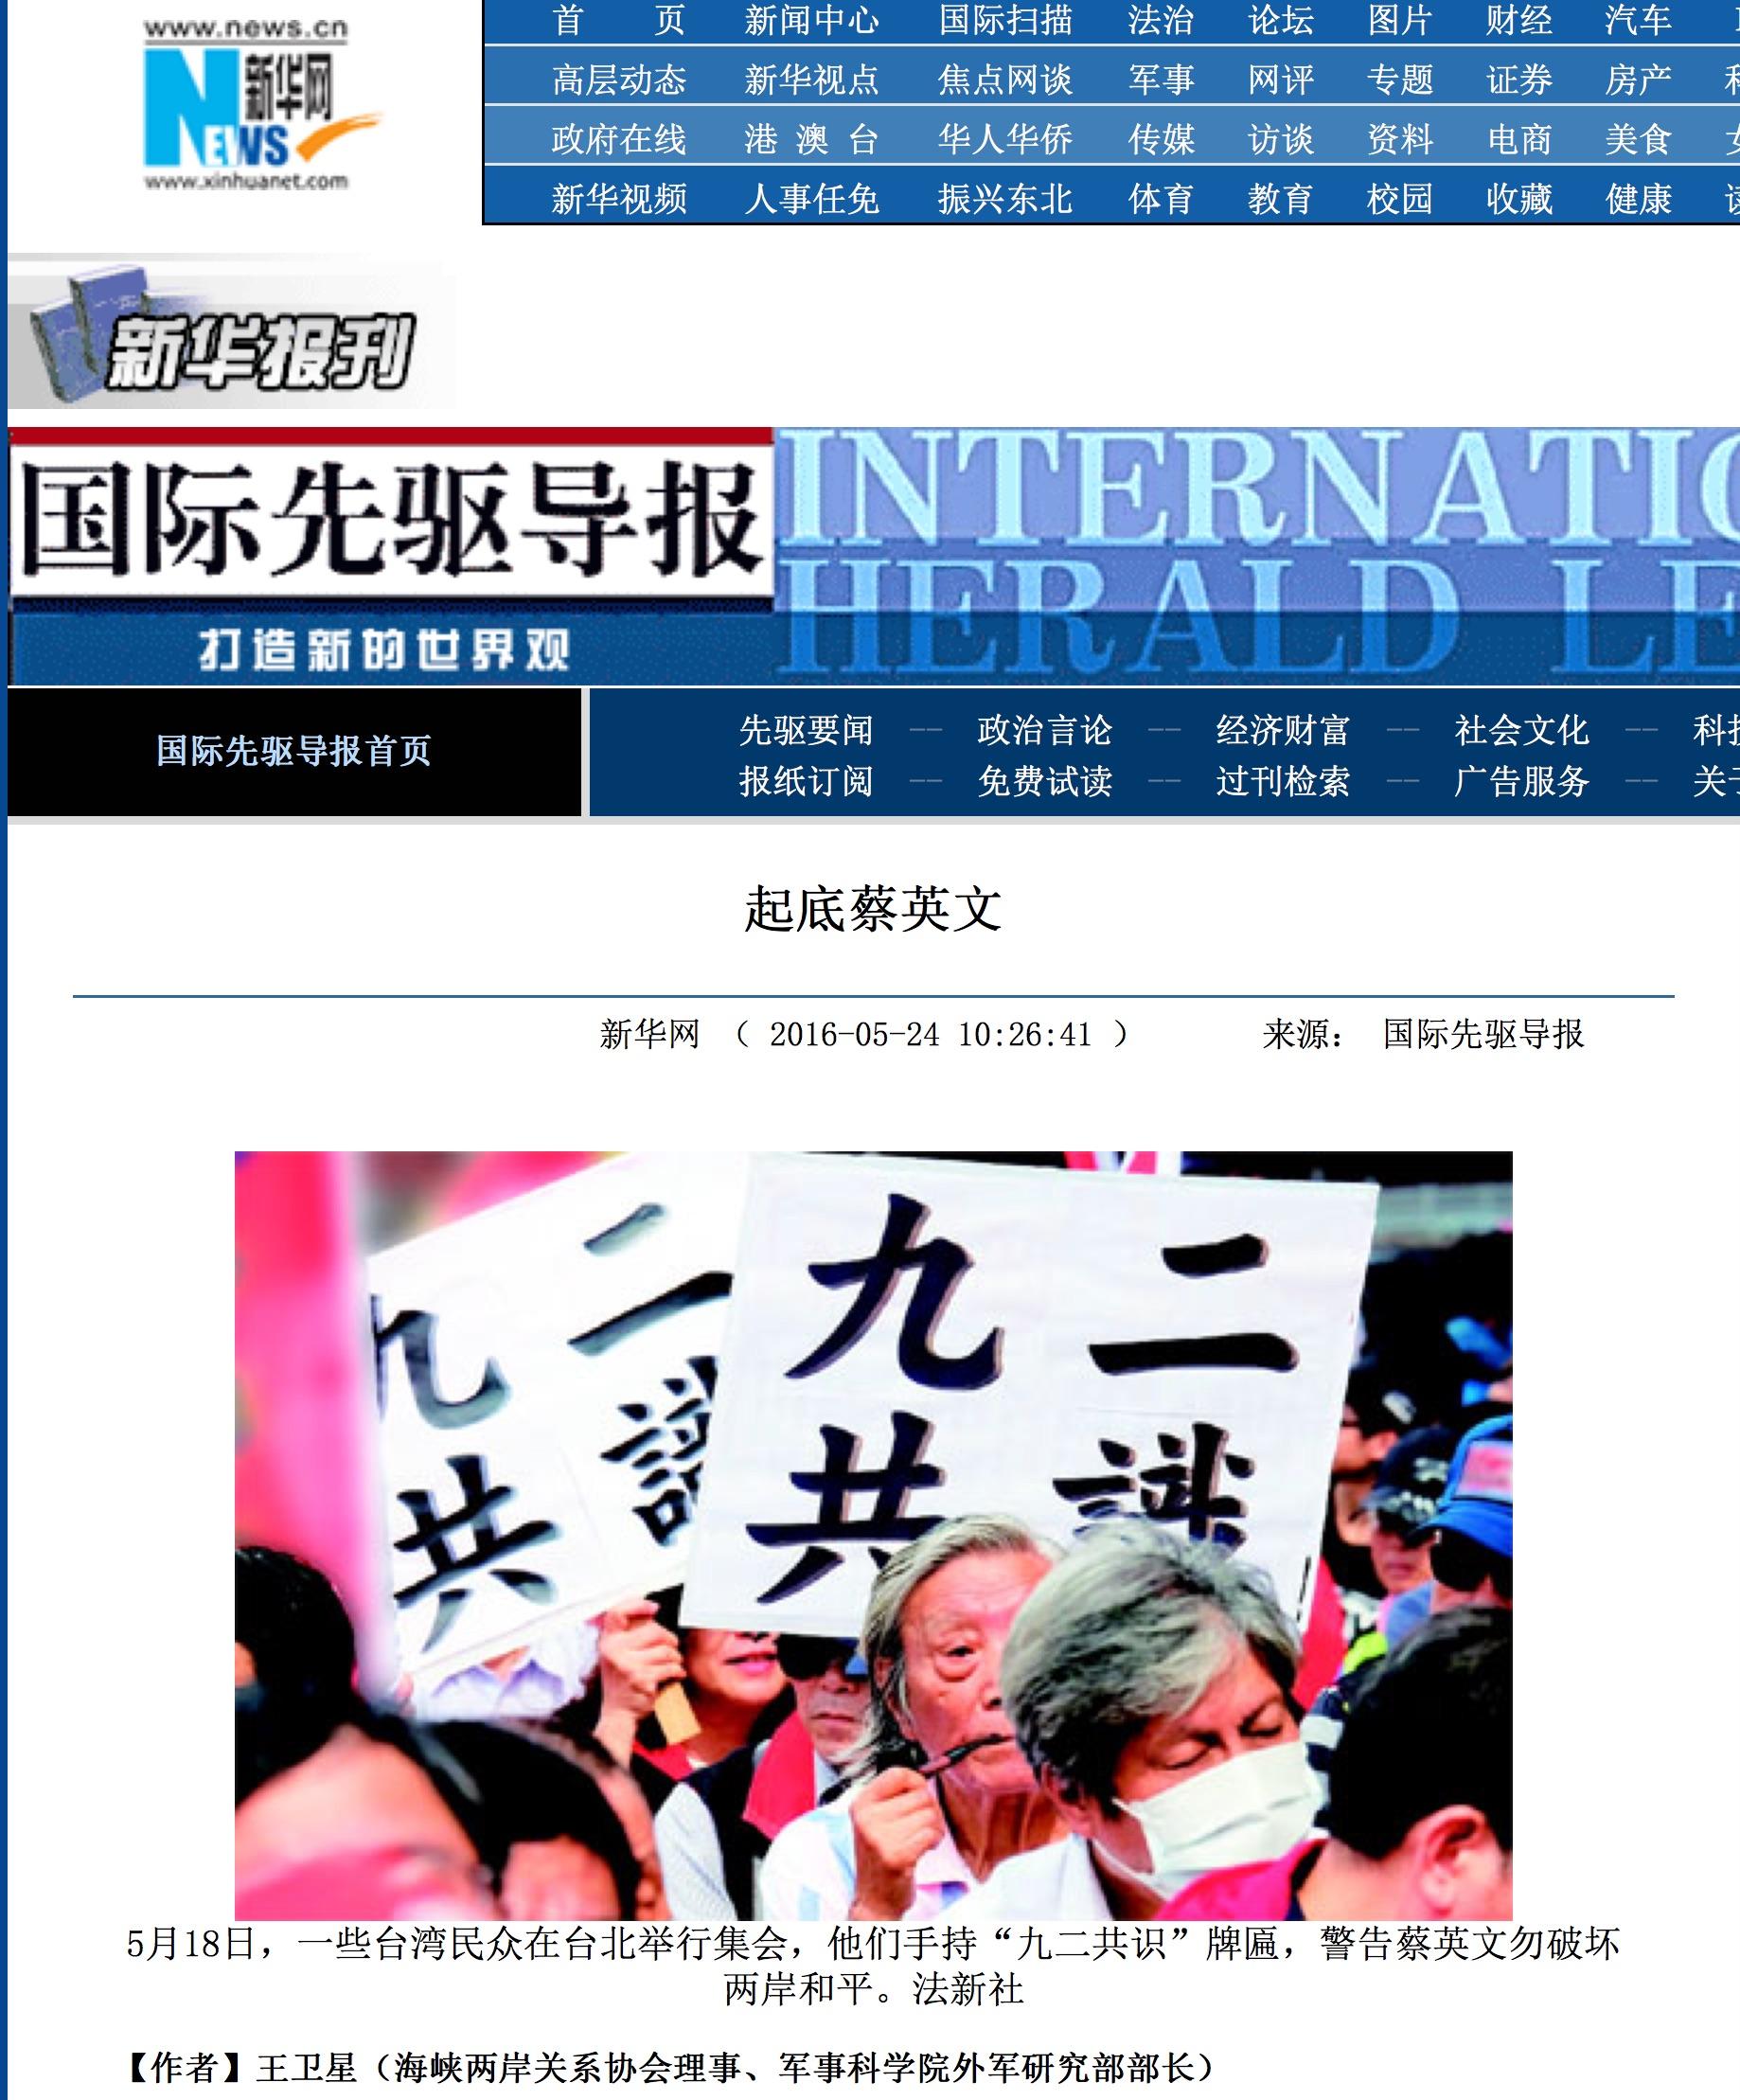 新华网刊登的旗下所属《国际先驱导报》文章《起底蔡英文 》,目前已被删除;谷歌快照截屏